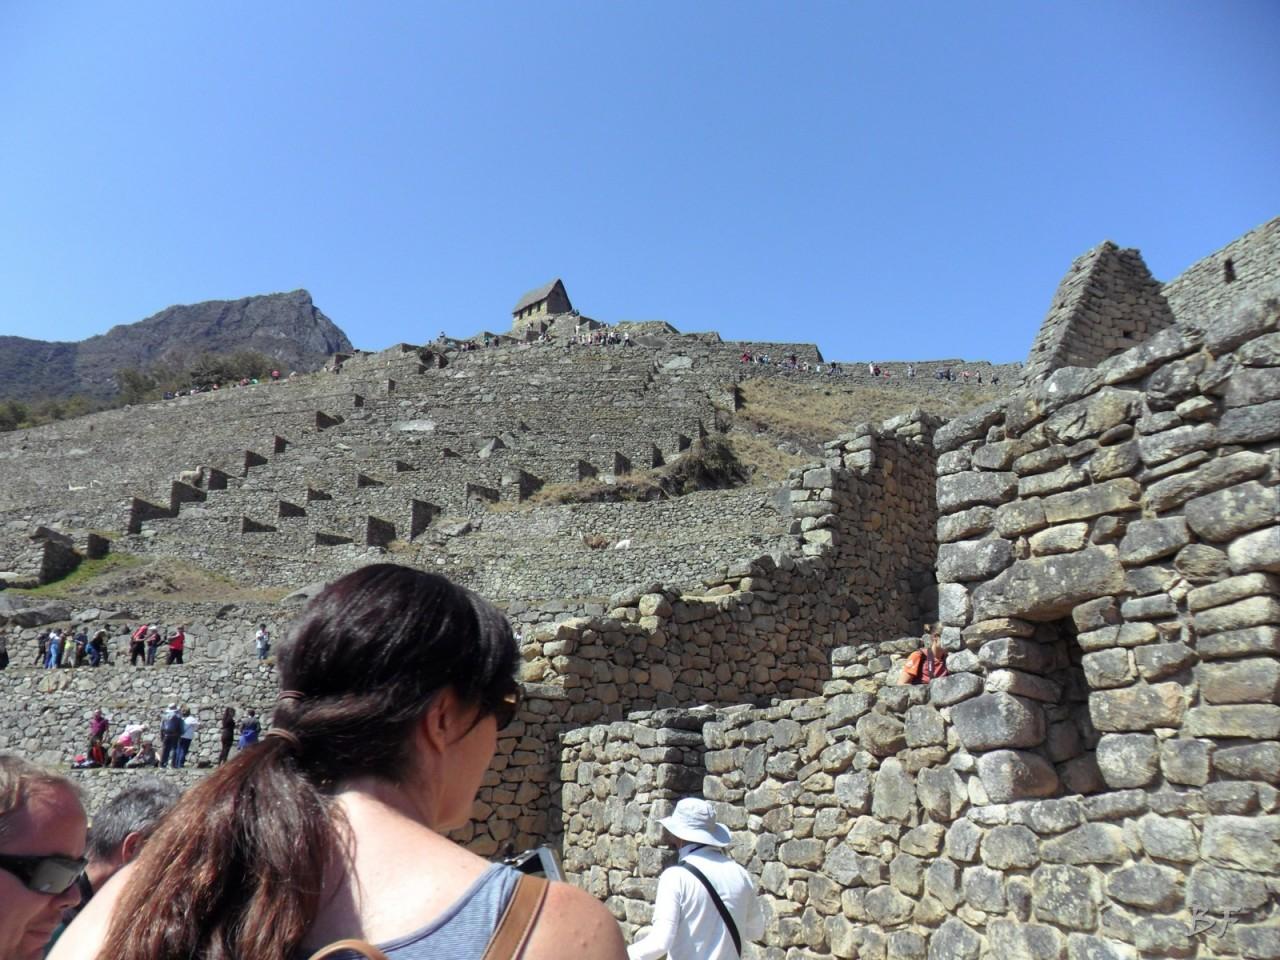 Mura-Poligonali-Incisioni-Altari-Edifici-Rupestri-Megaliti-Machu-Picchu-Aguas-Calientes-Urubamba-Cusco-Perù-23